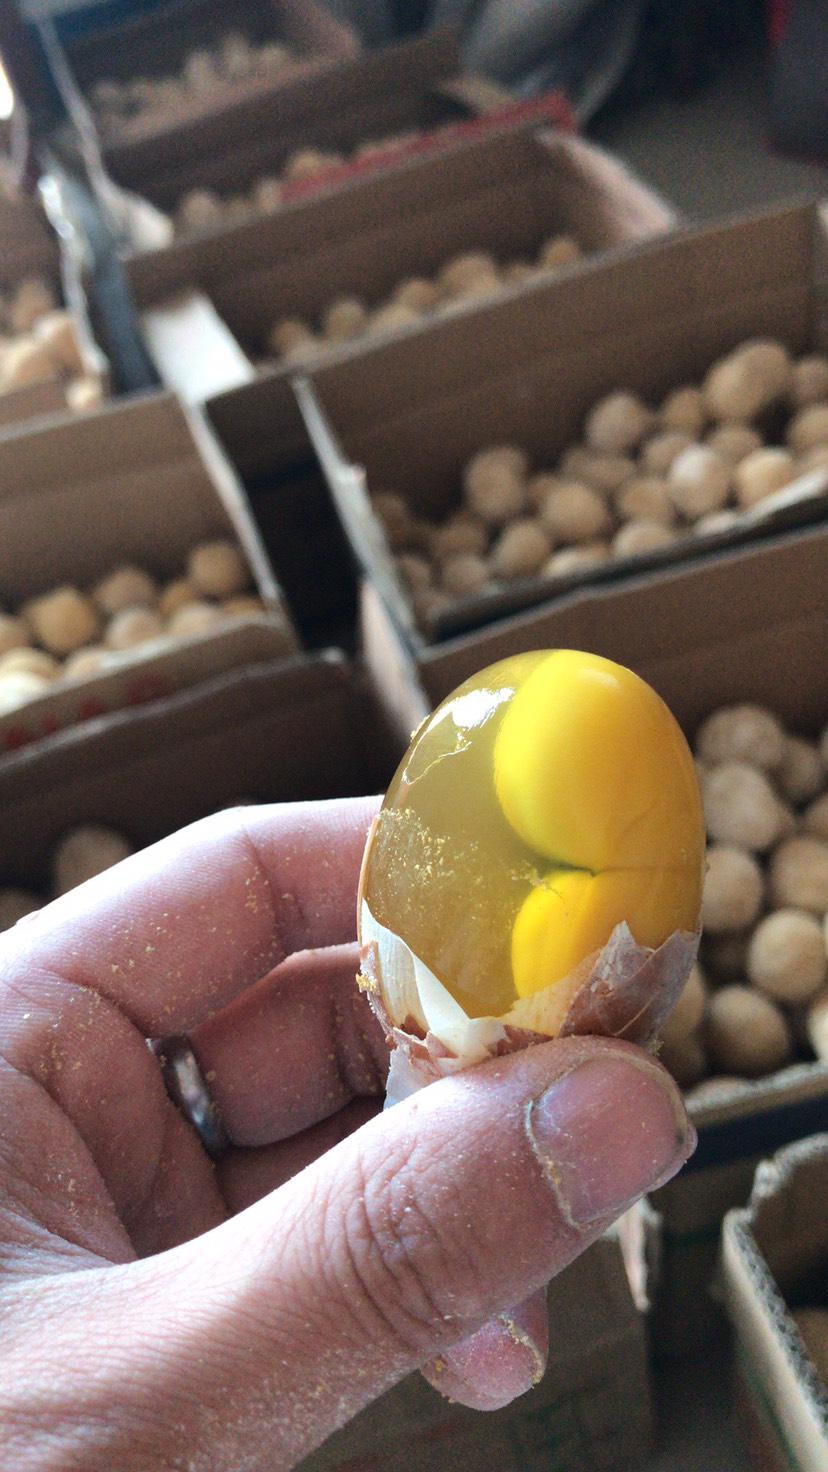 [五香变蛋批发] 五香变蛋厂家直供价格0.55元/个